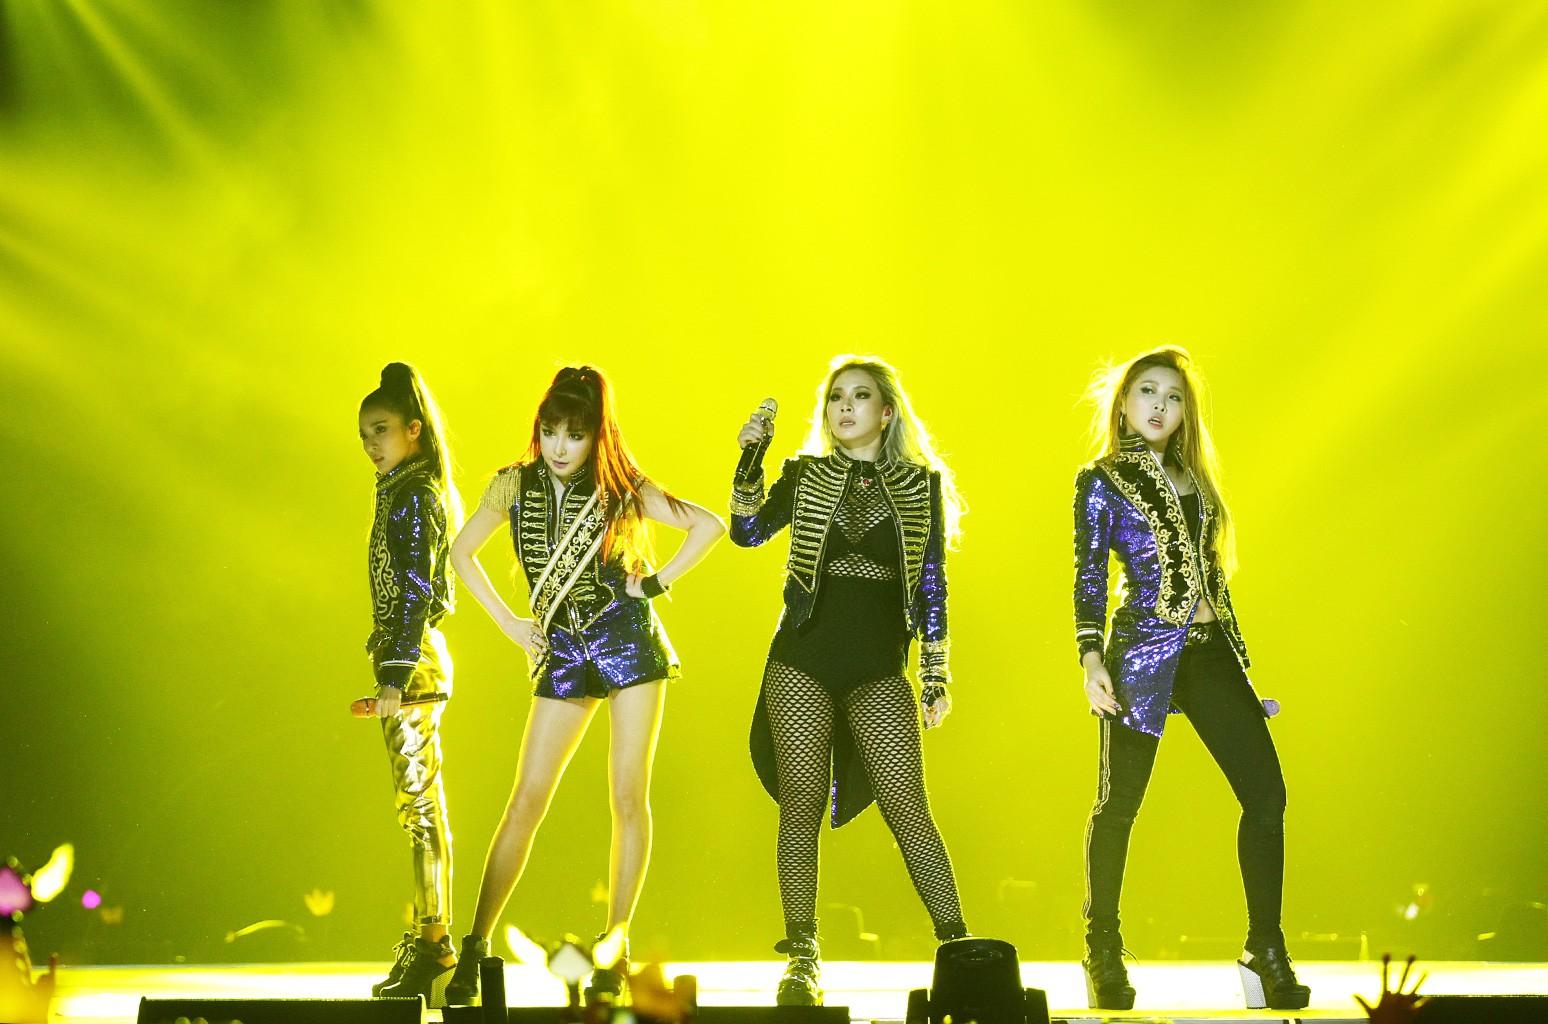 Thế hệ thứ 2 của Kpop chính thức khép màn, tạm biệt những công thần một thời hoàng kim - Ảnh 8.